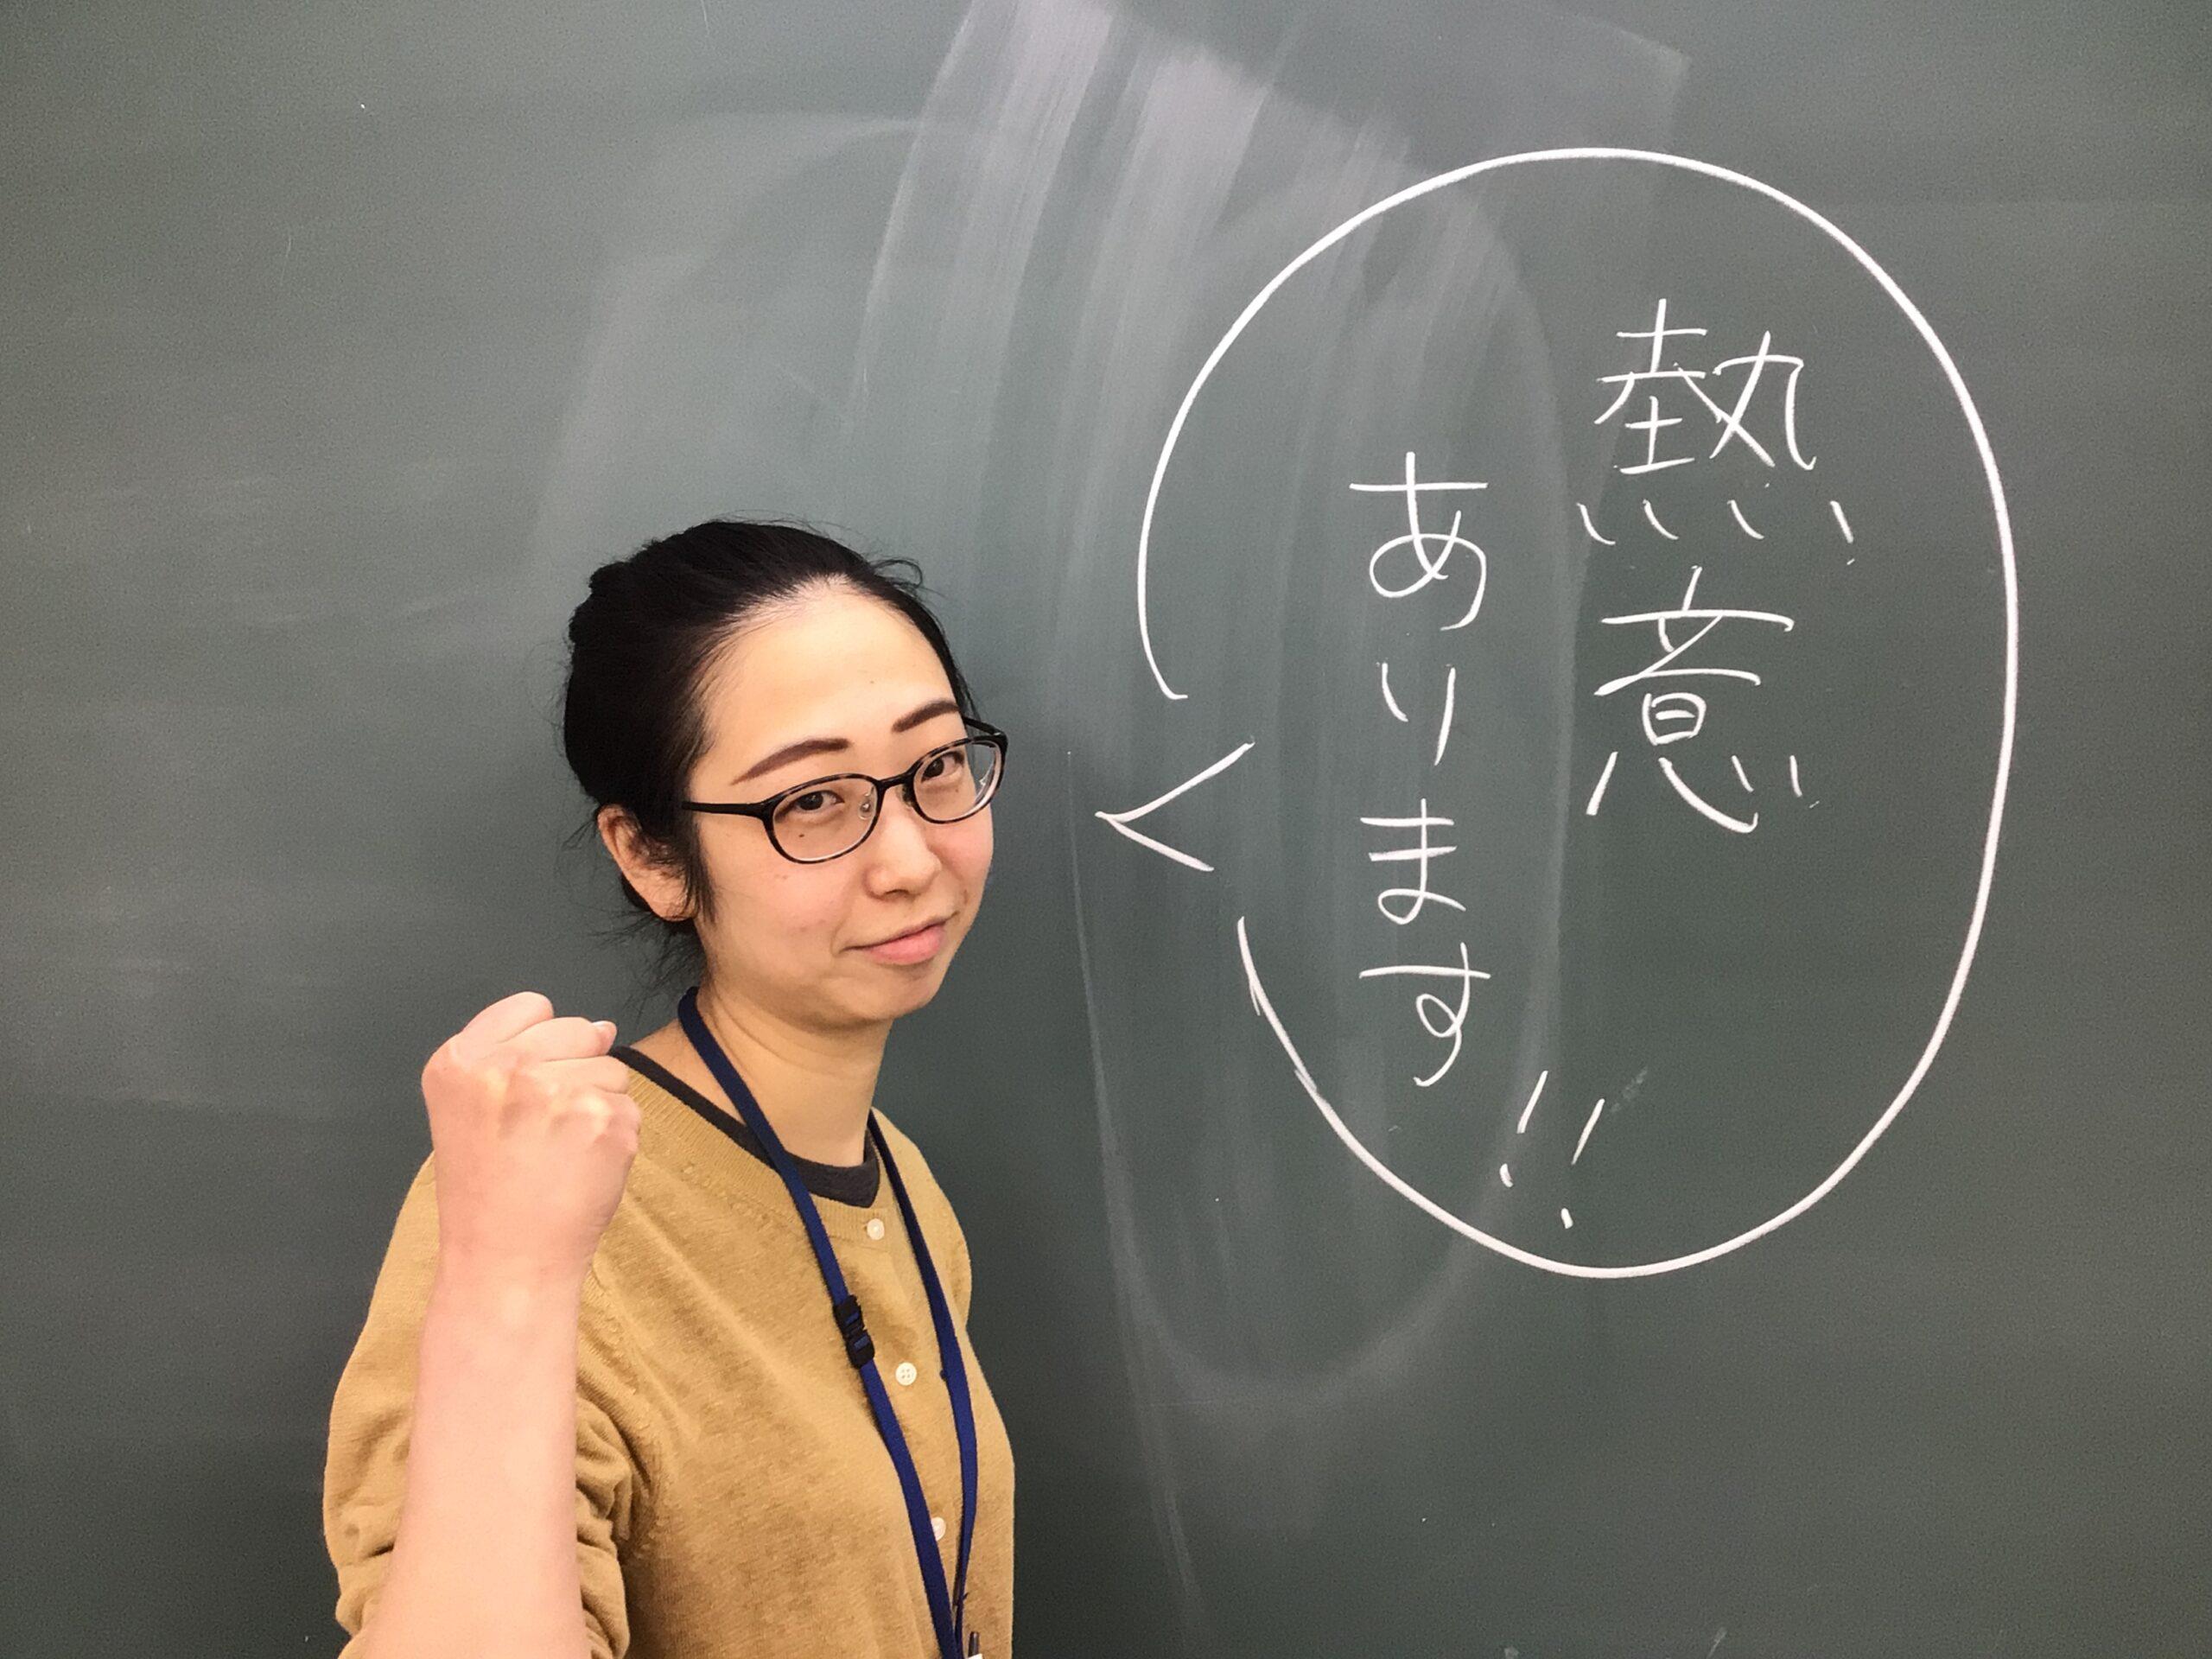 算数/数学・理科科責任者 授業コンテスト入賞・授業バトル優勝